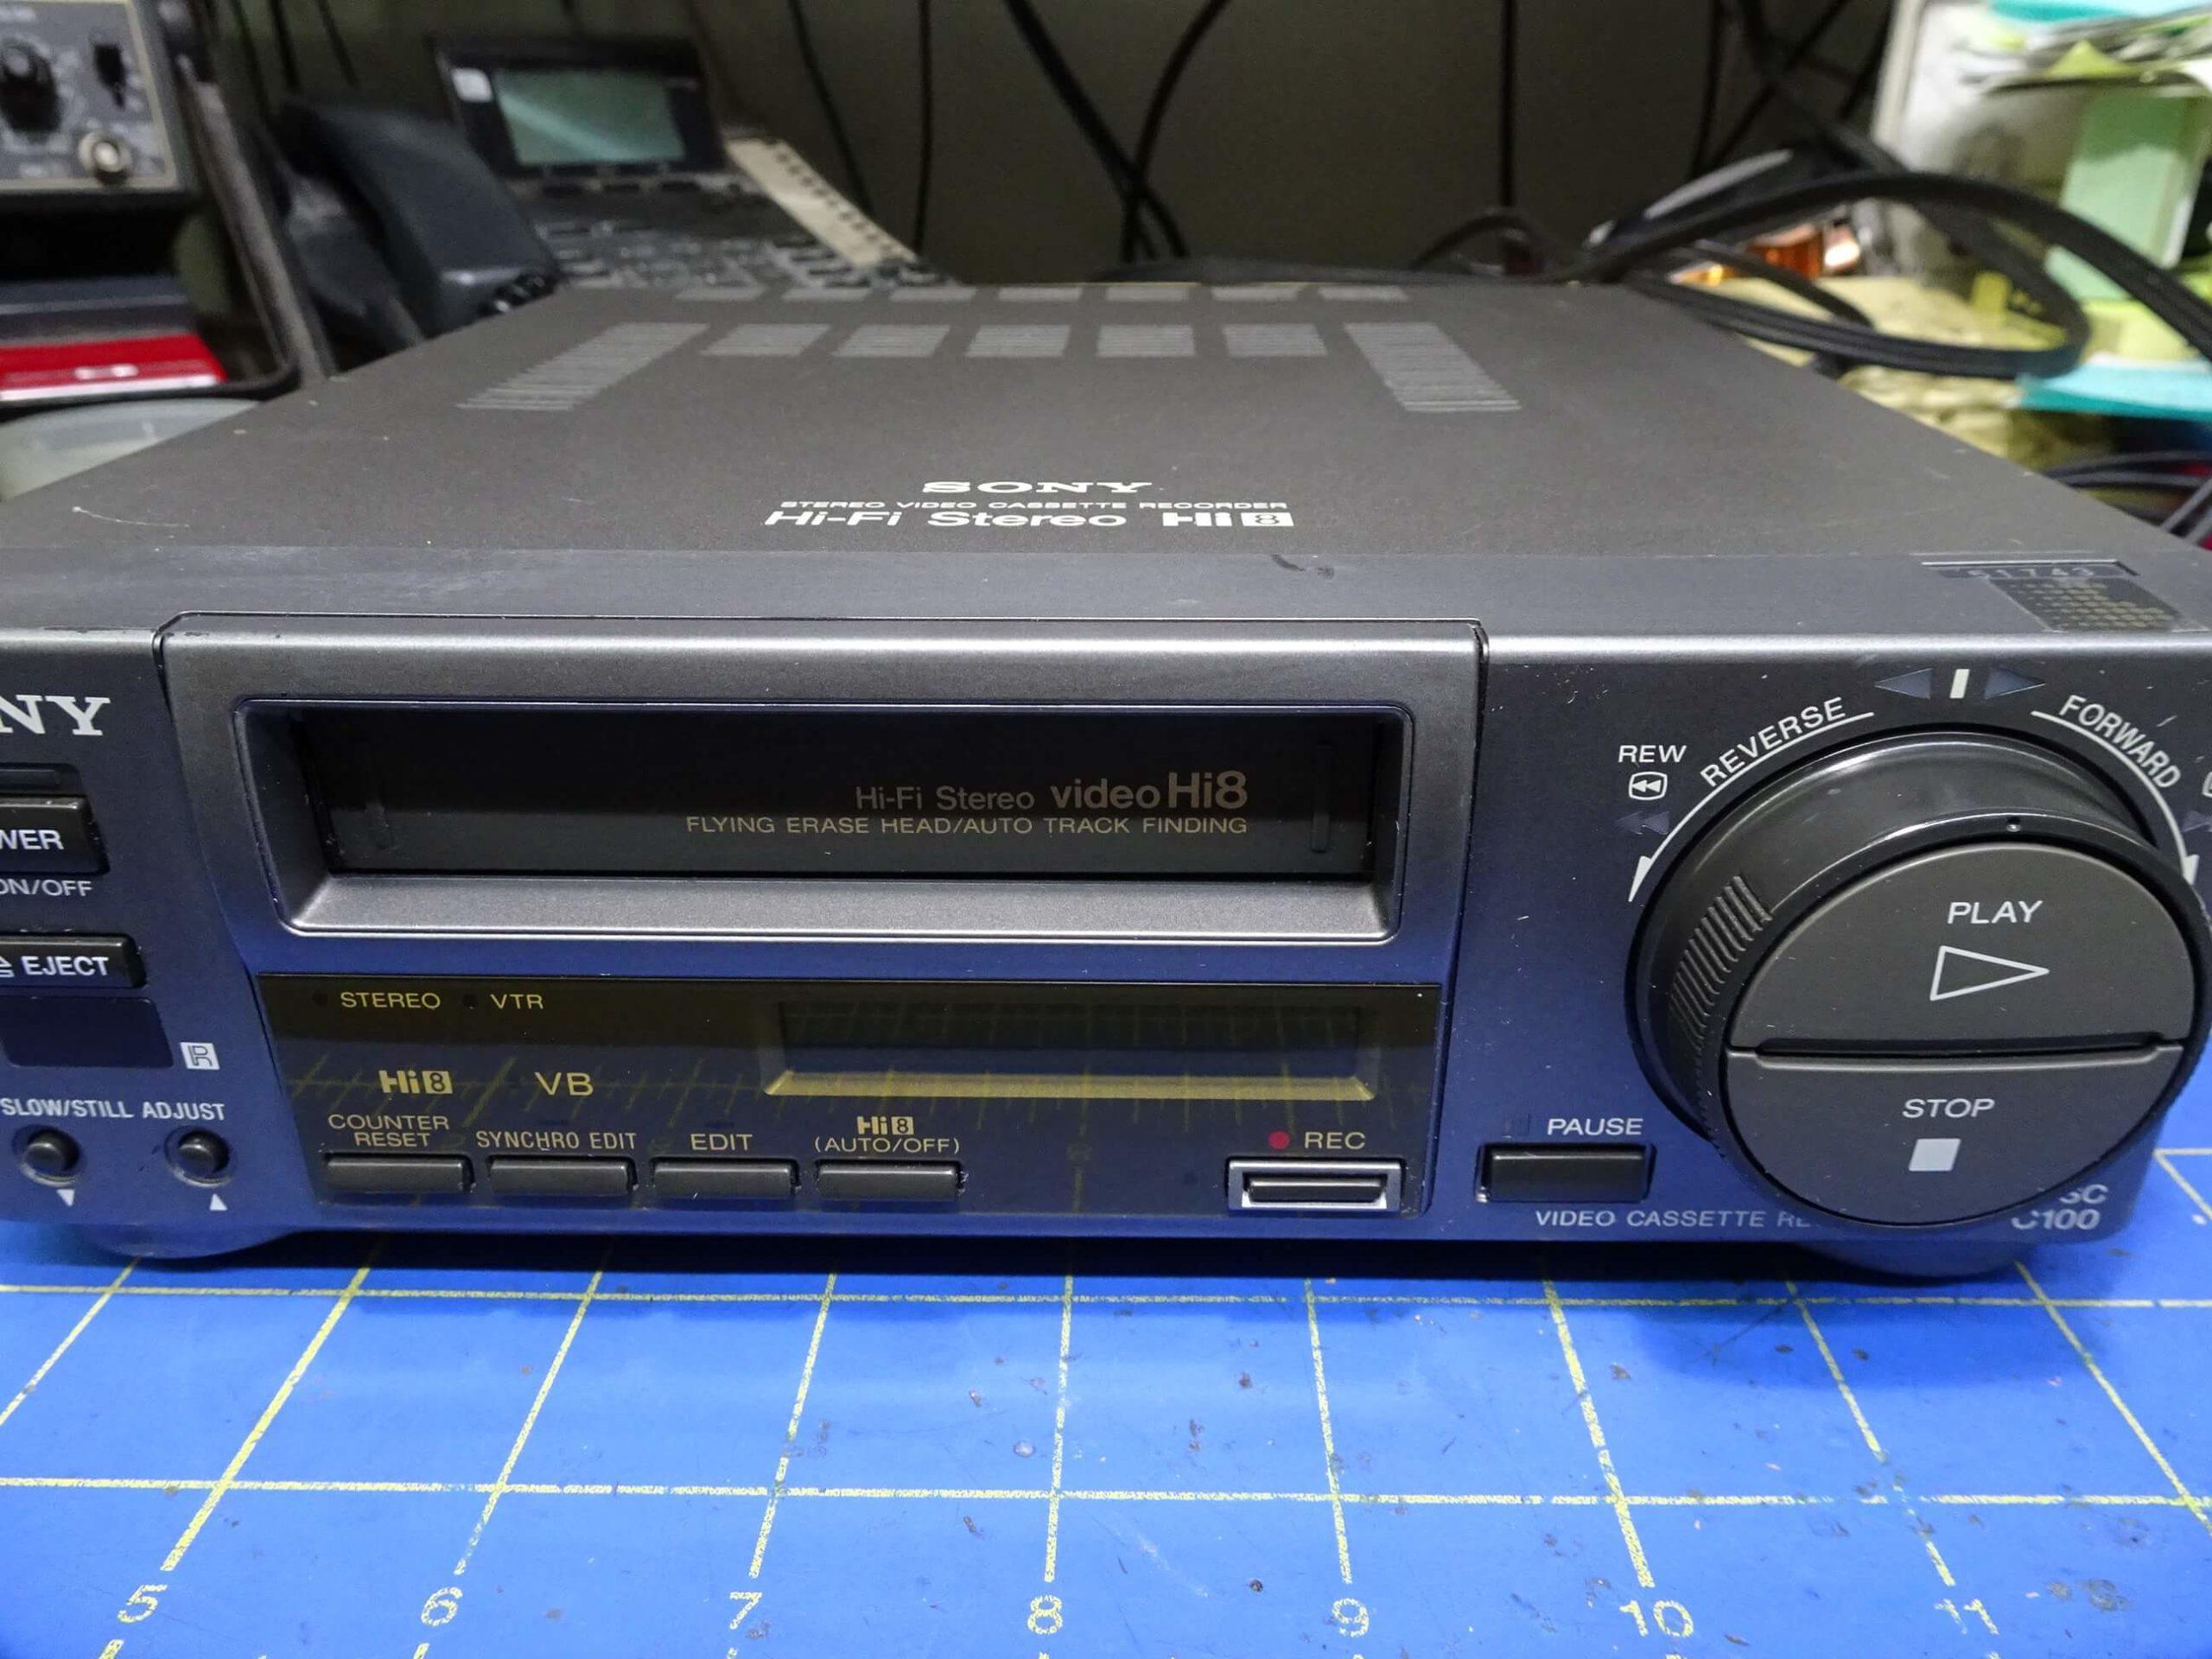 Sony EV-C100